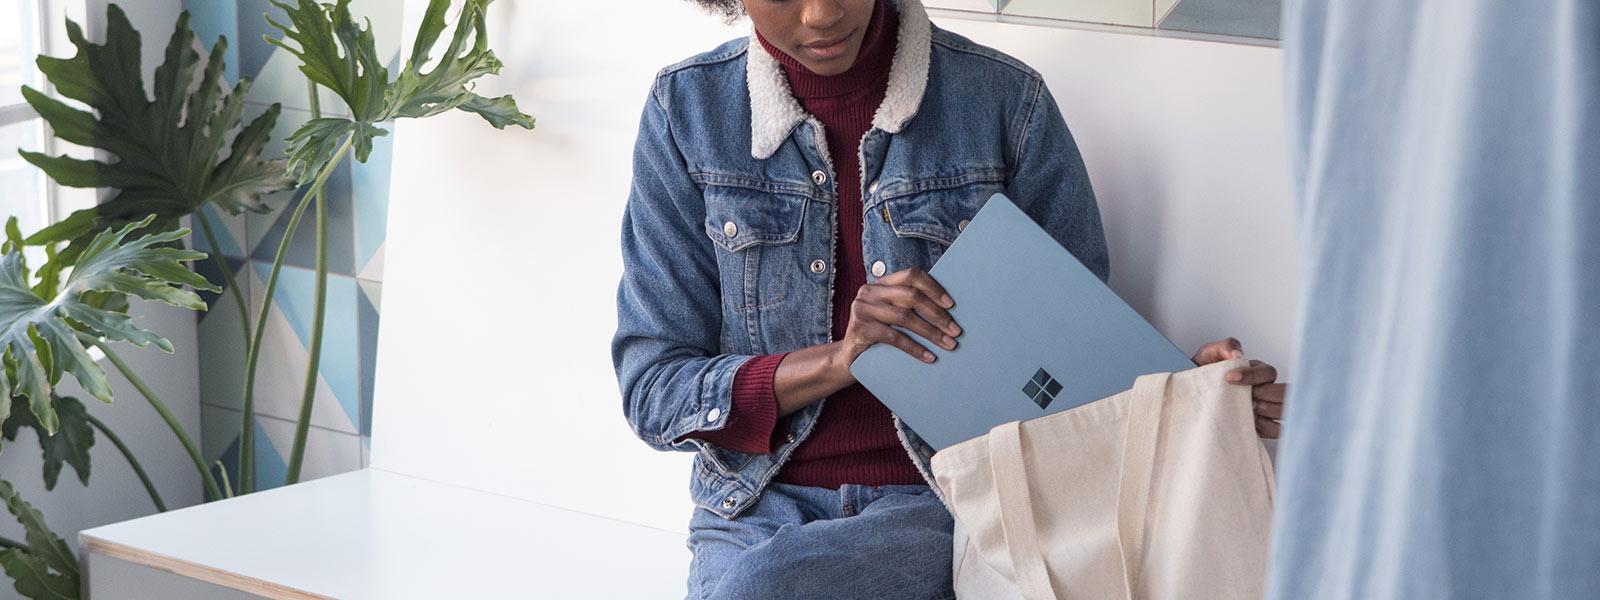 Nainen asettamassa Surface Laptopia laukkuun.